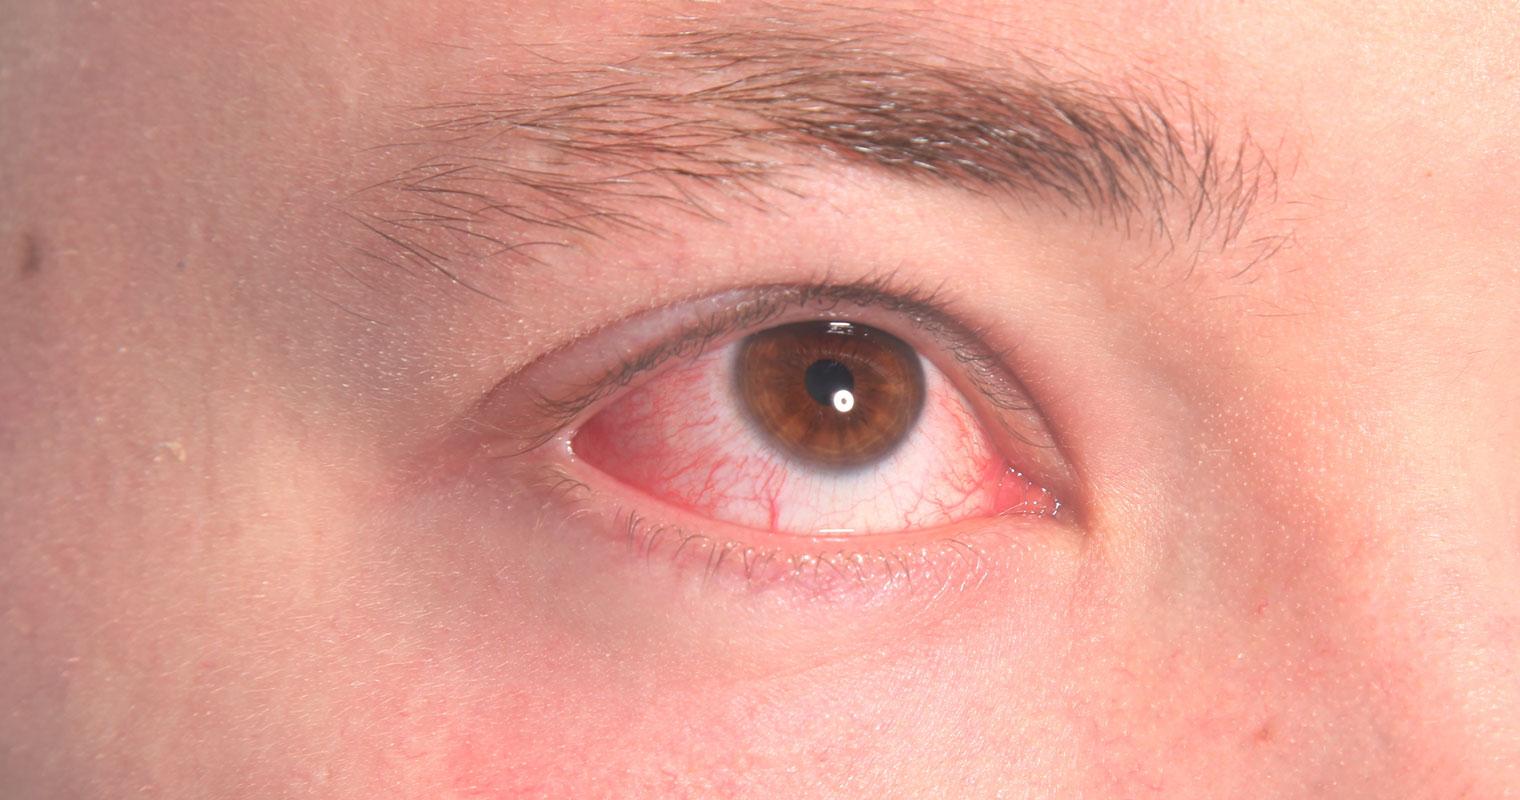 dry eyes or eye irritation caused by rosacea